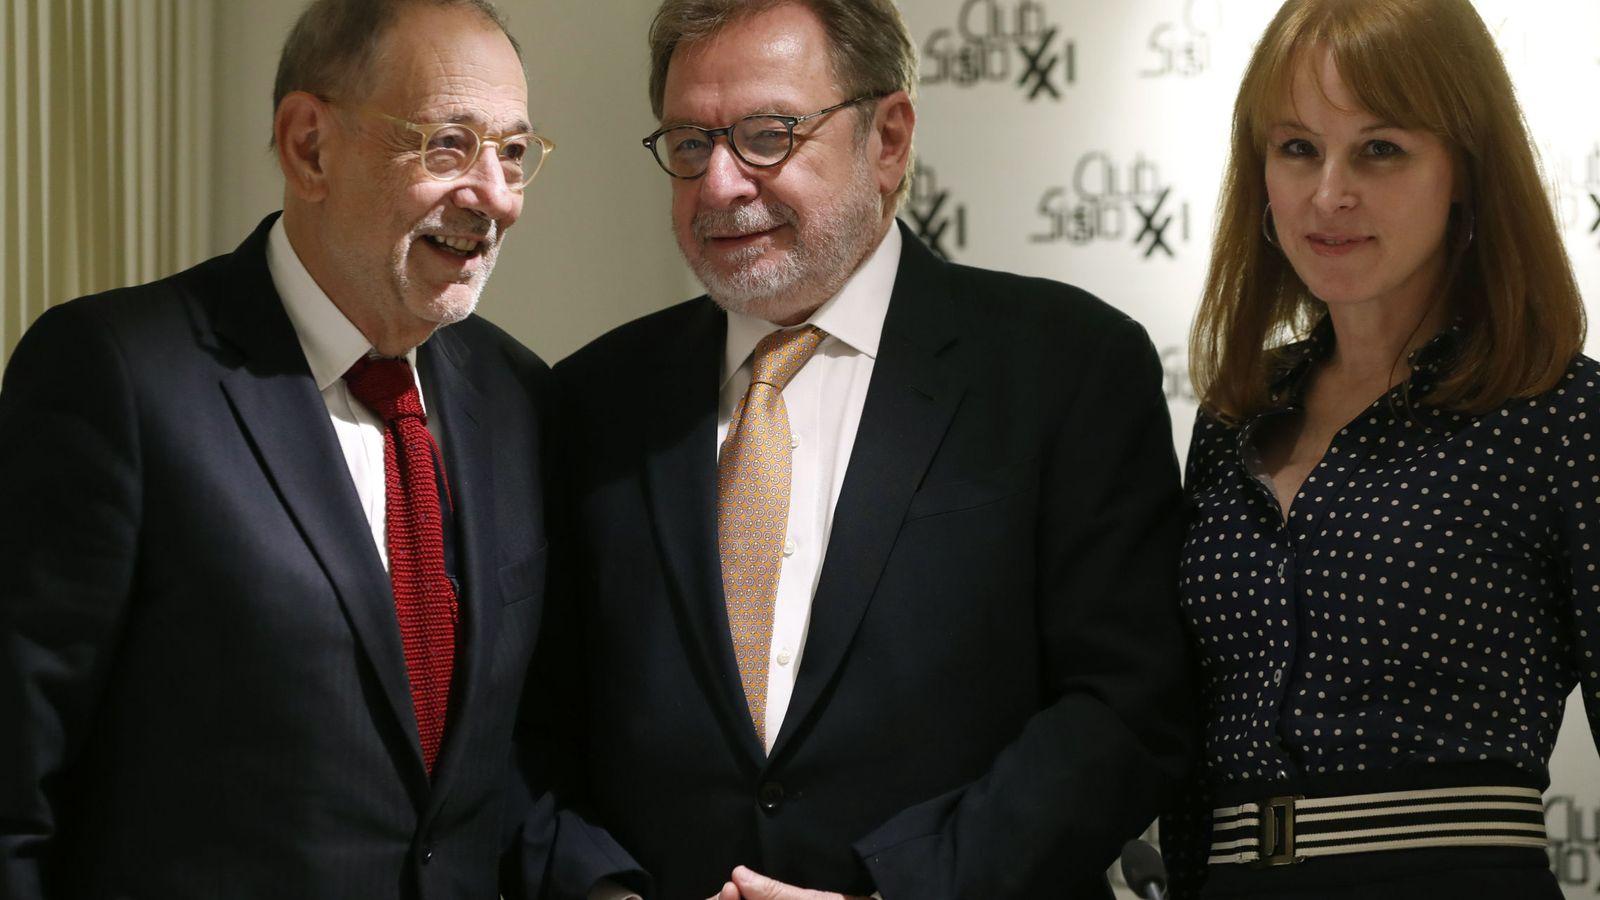 Foto: Javier Solana, Juan Luis Cebrián y la periodista Gloria Lomana, en el coloquio celebrado en el Club Siglo XXI. (EFE)